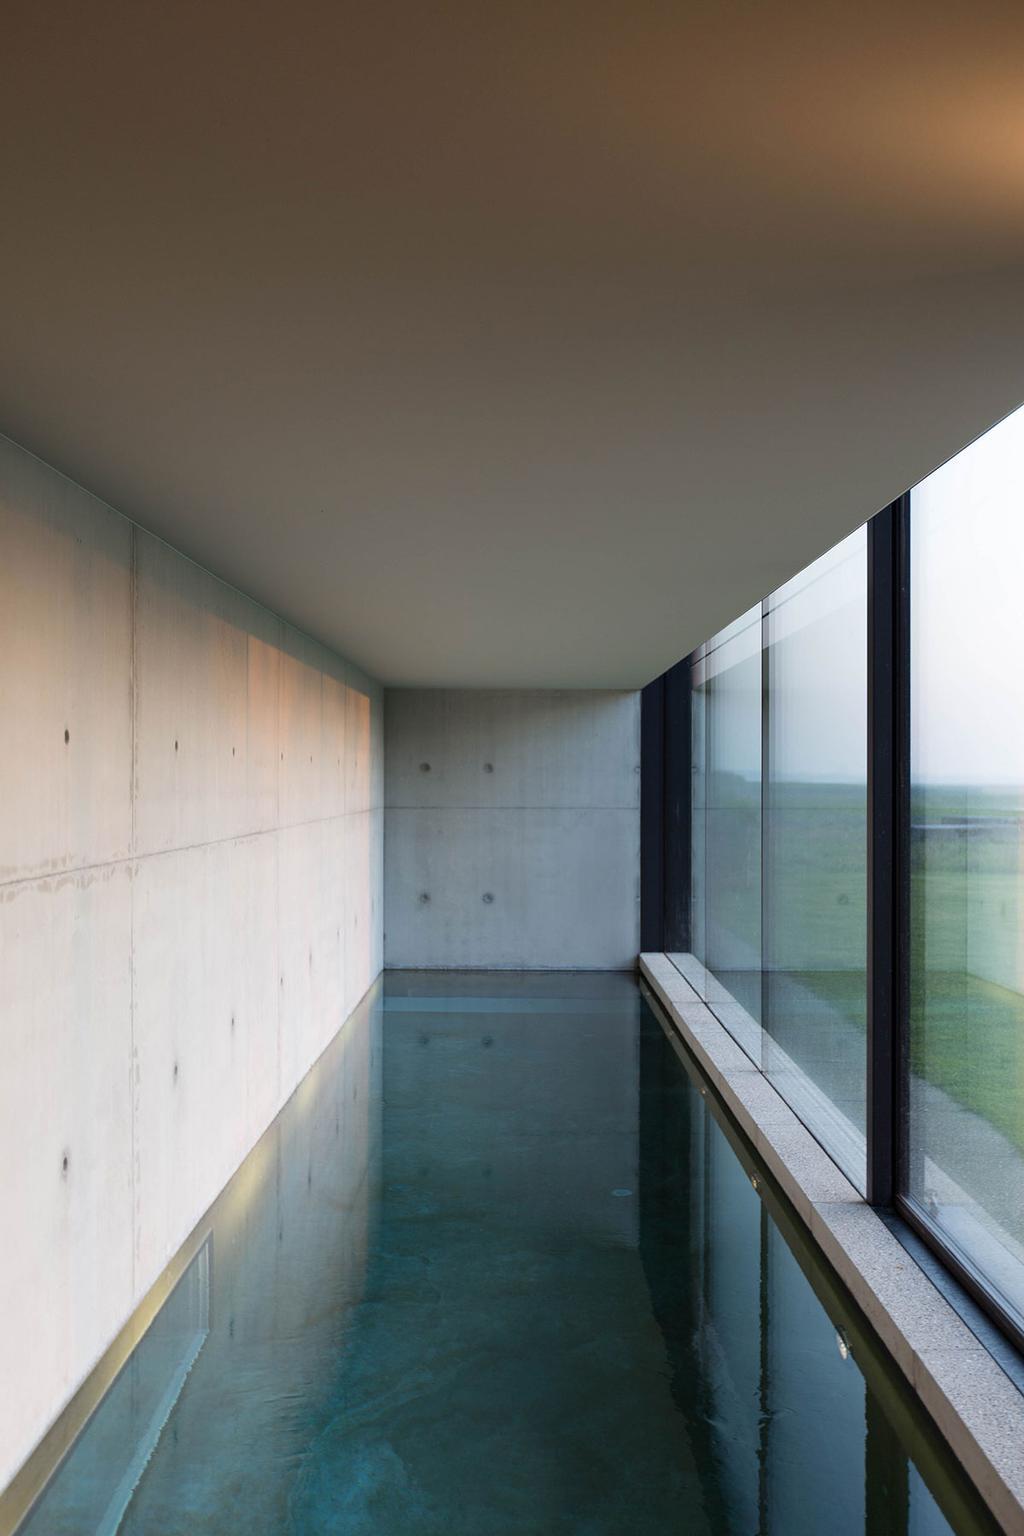 Een lang, smal binnenzwembad omgeven door glas en beton.